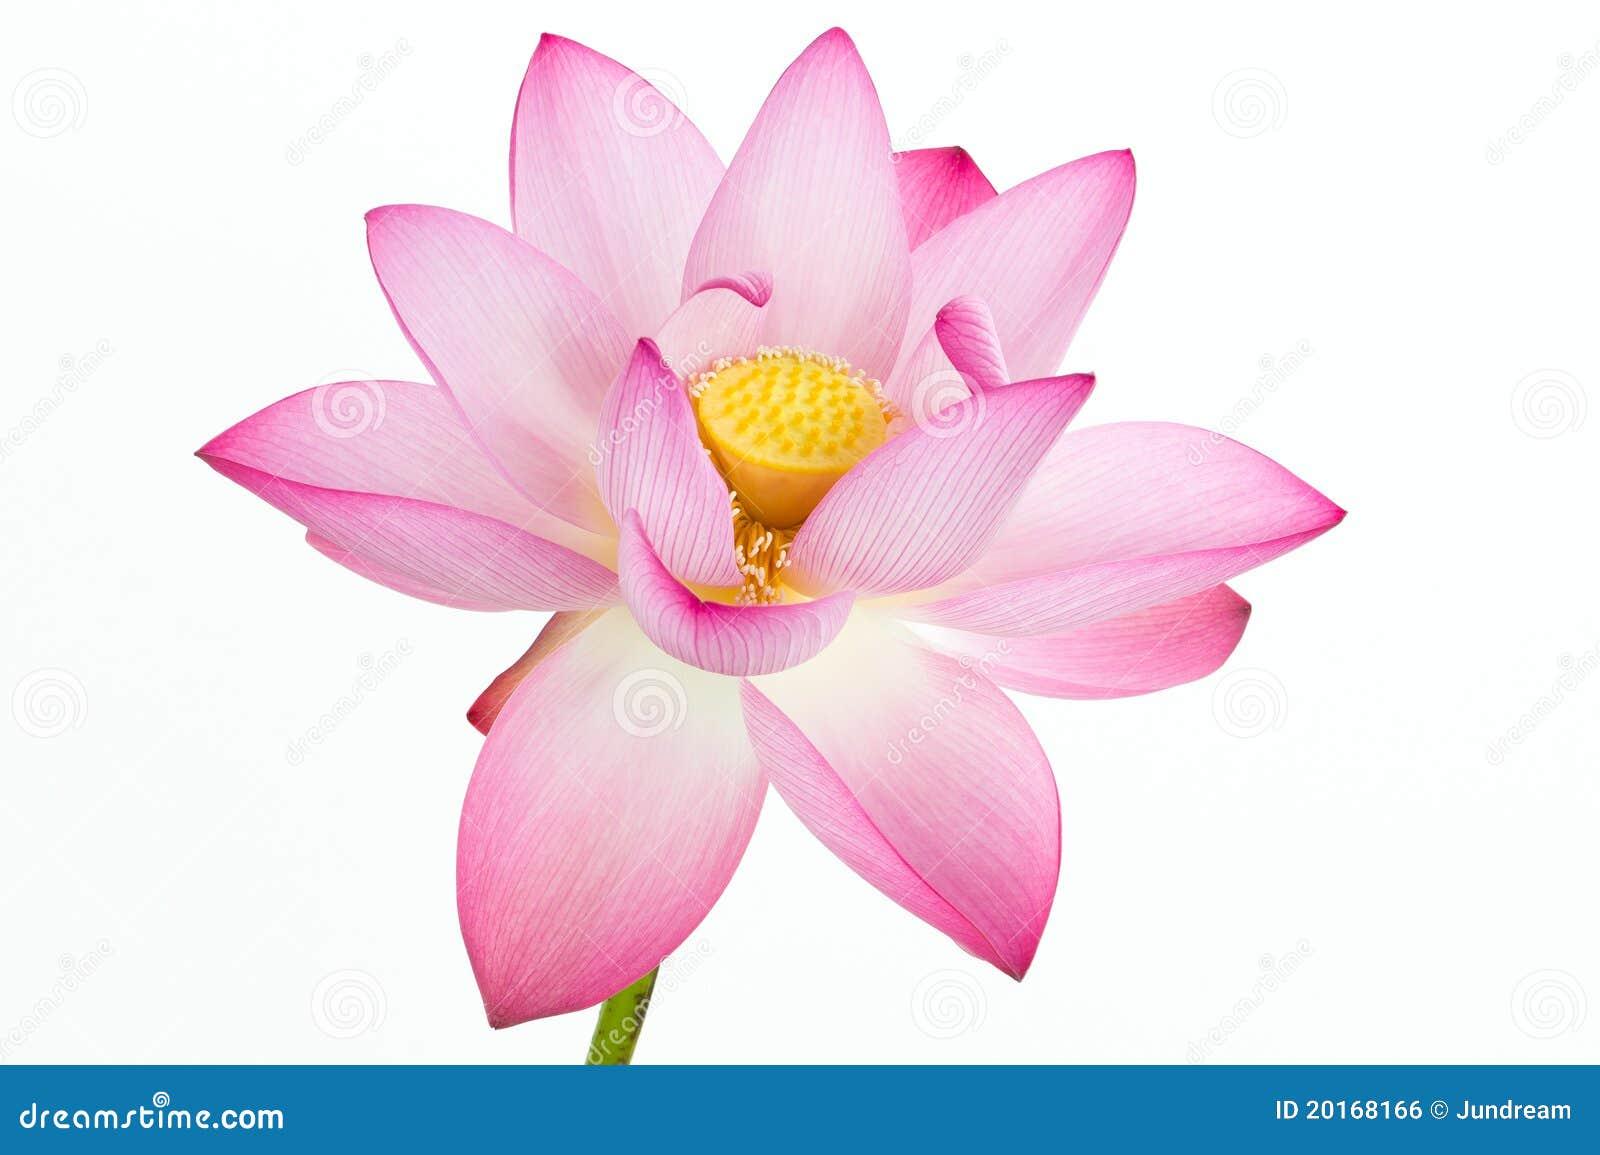 Fleur de lotus rose et fond blanc image libre de droits image 20168166 - Fleur de lotus symbole ...